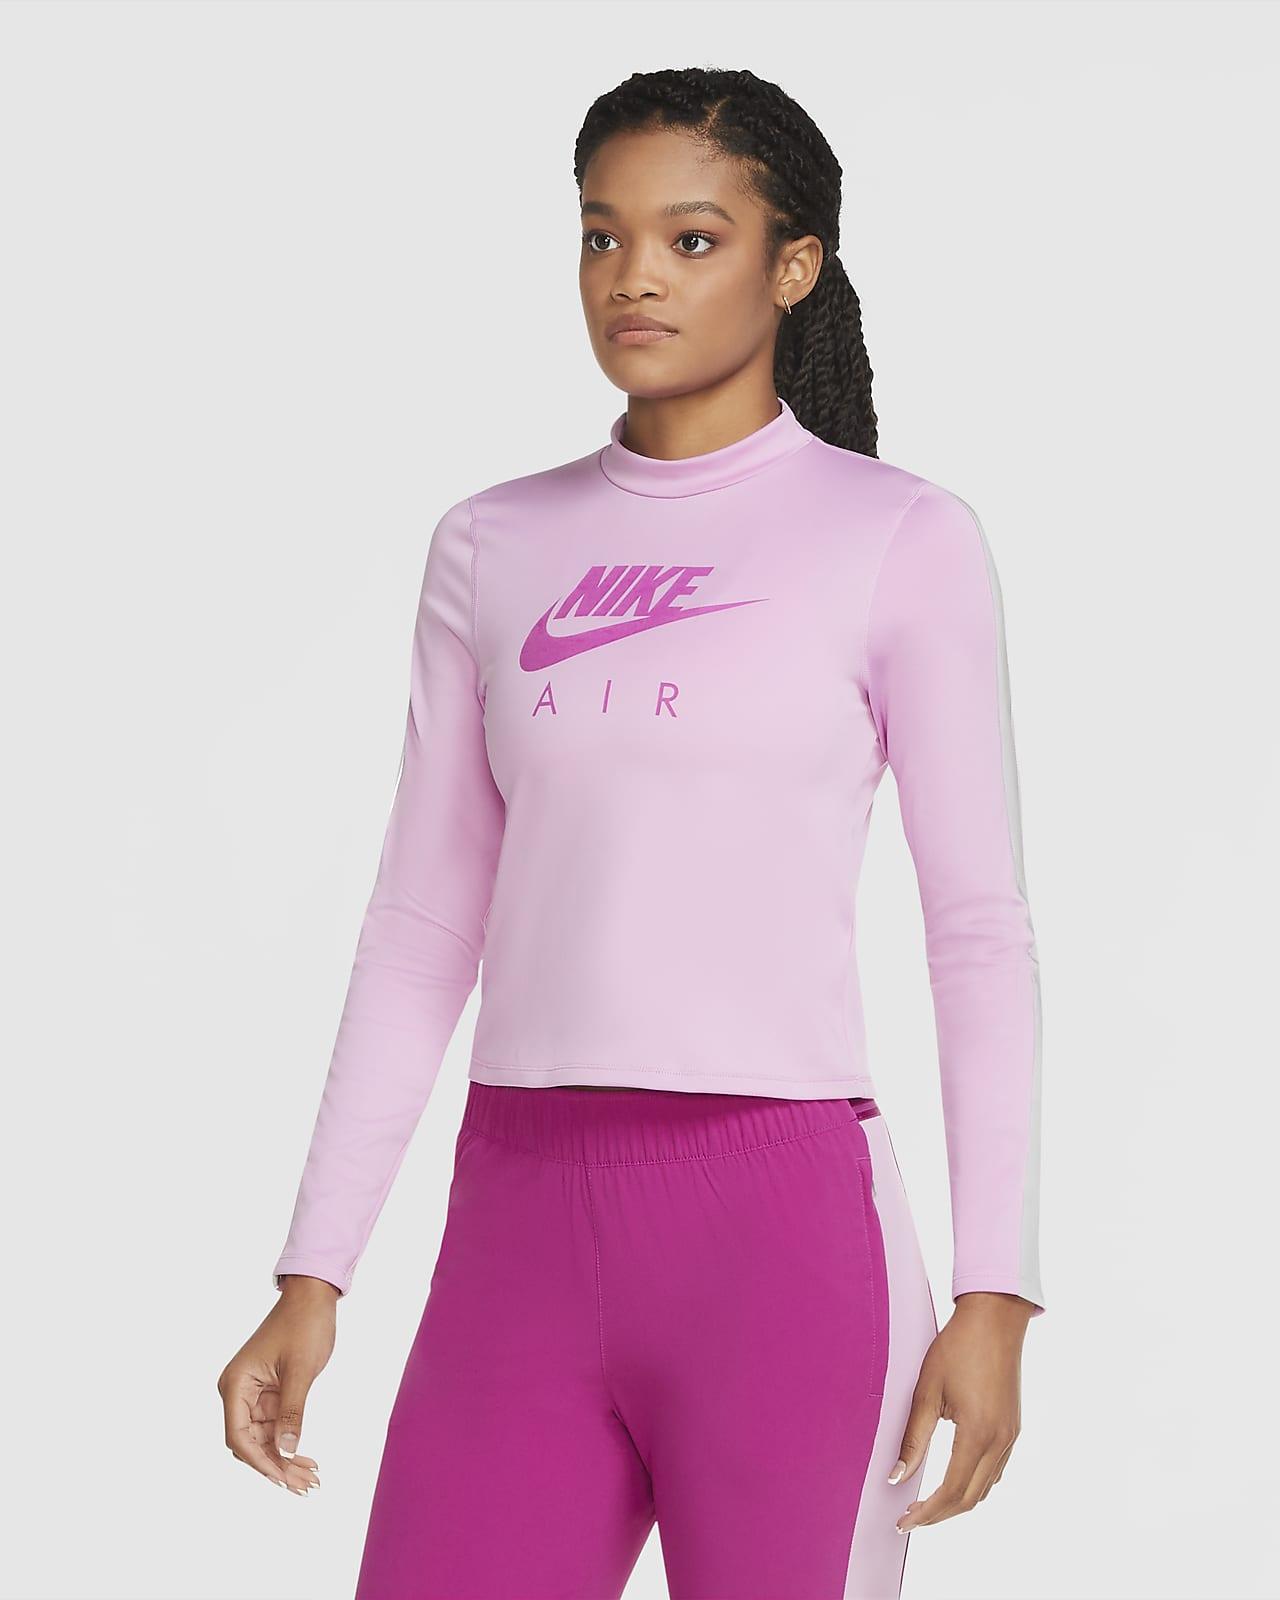 Camisola de running de camada intermédia de manga comprida Nike Air para mulher